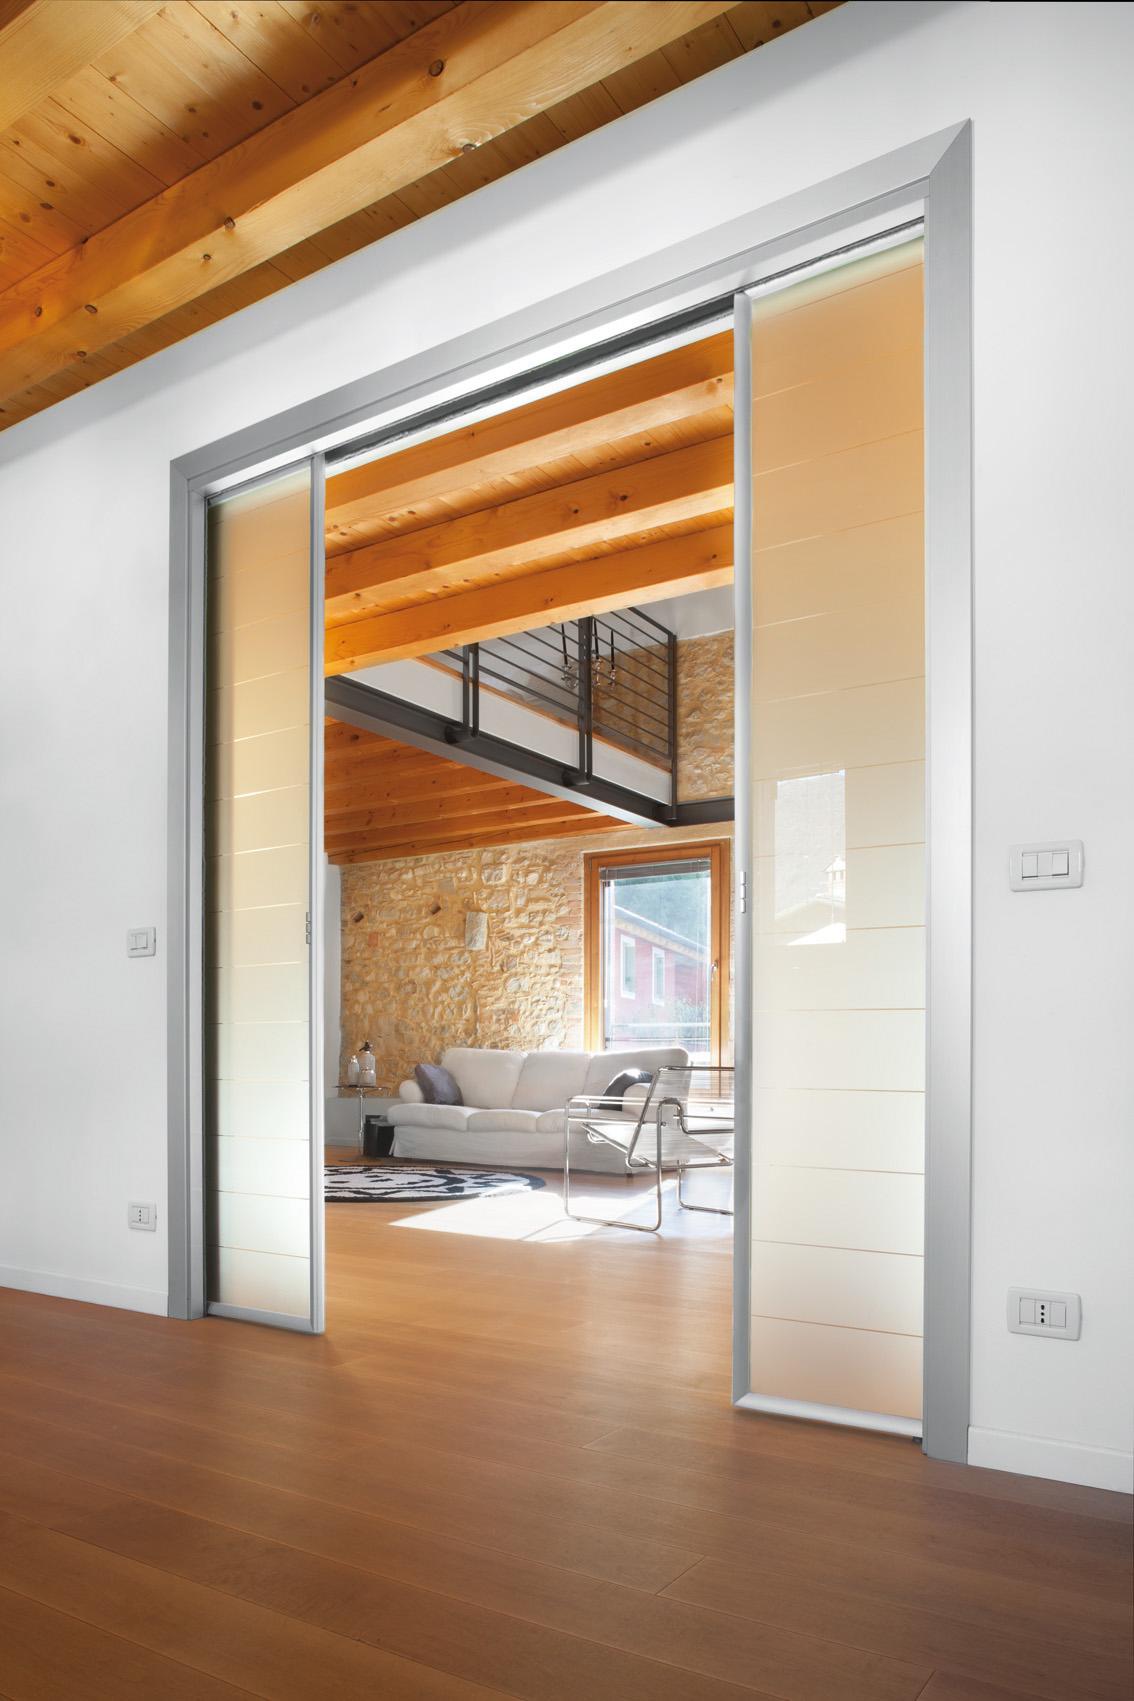 Controtelaio Eclisse Luce Estensione con porte scorrevoli in vetro alluminio